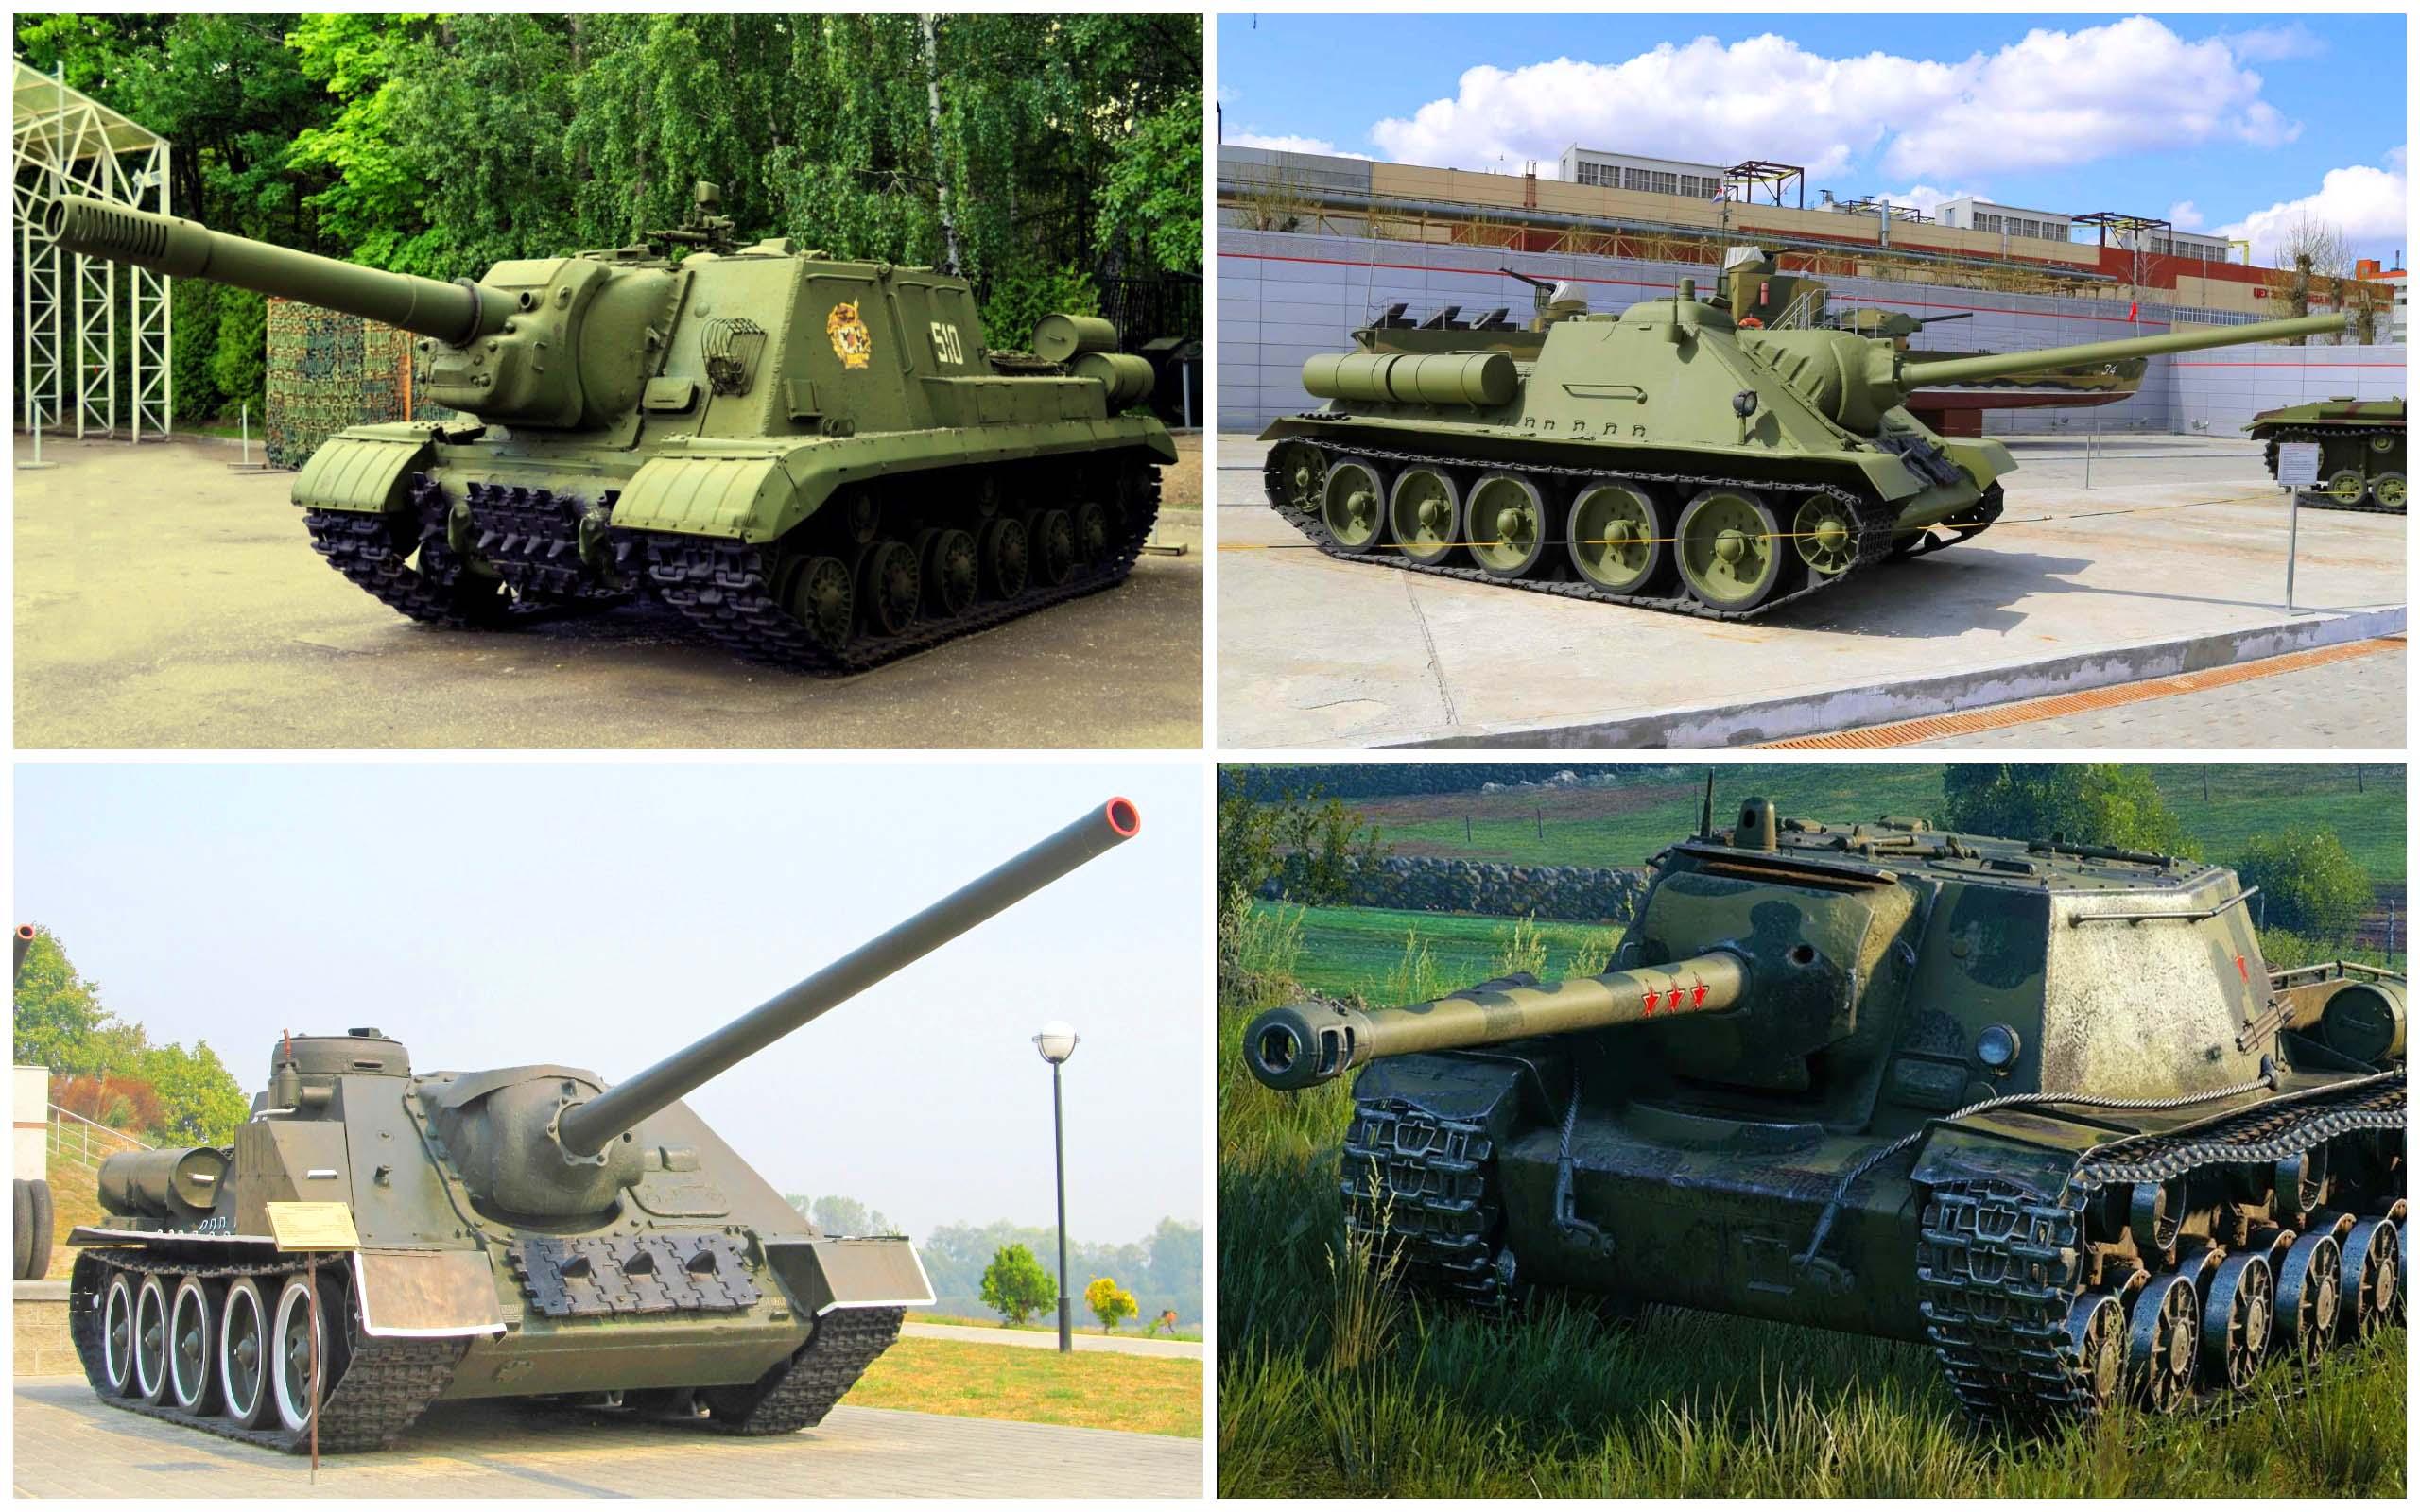 Самоходная артиллерийская установка — википедия. что такое самоходная артиллерийская установка